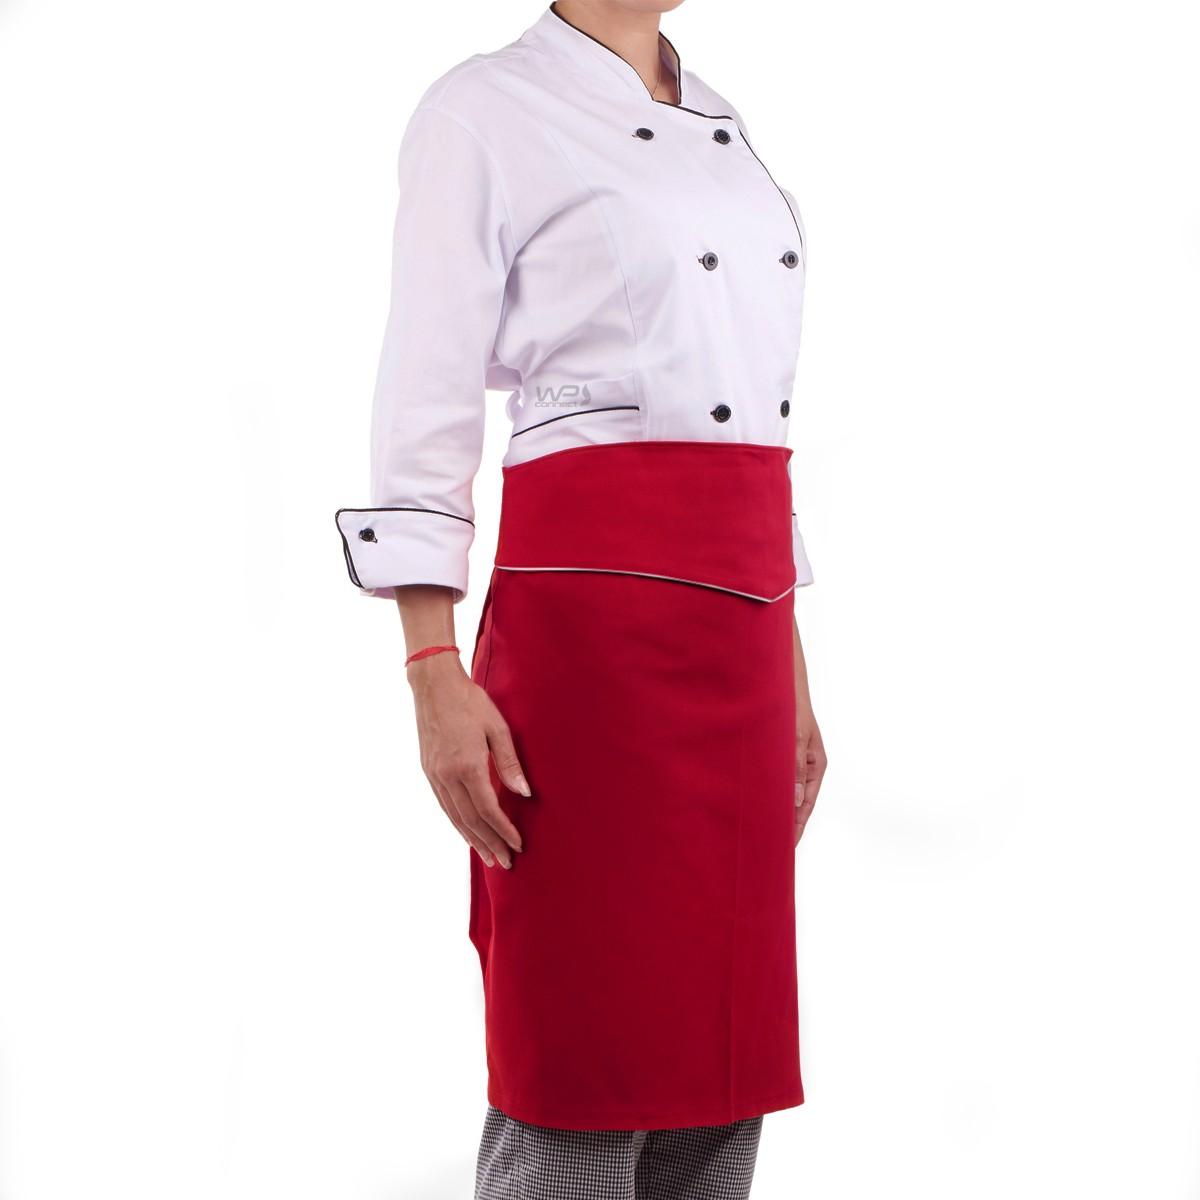 Avental Chef de Cozinha Tipo Saia Vermelho e Branco